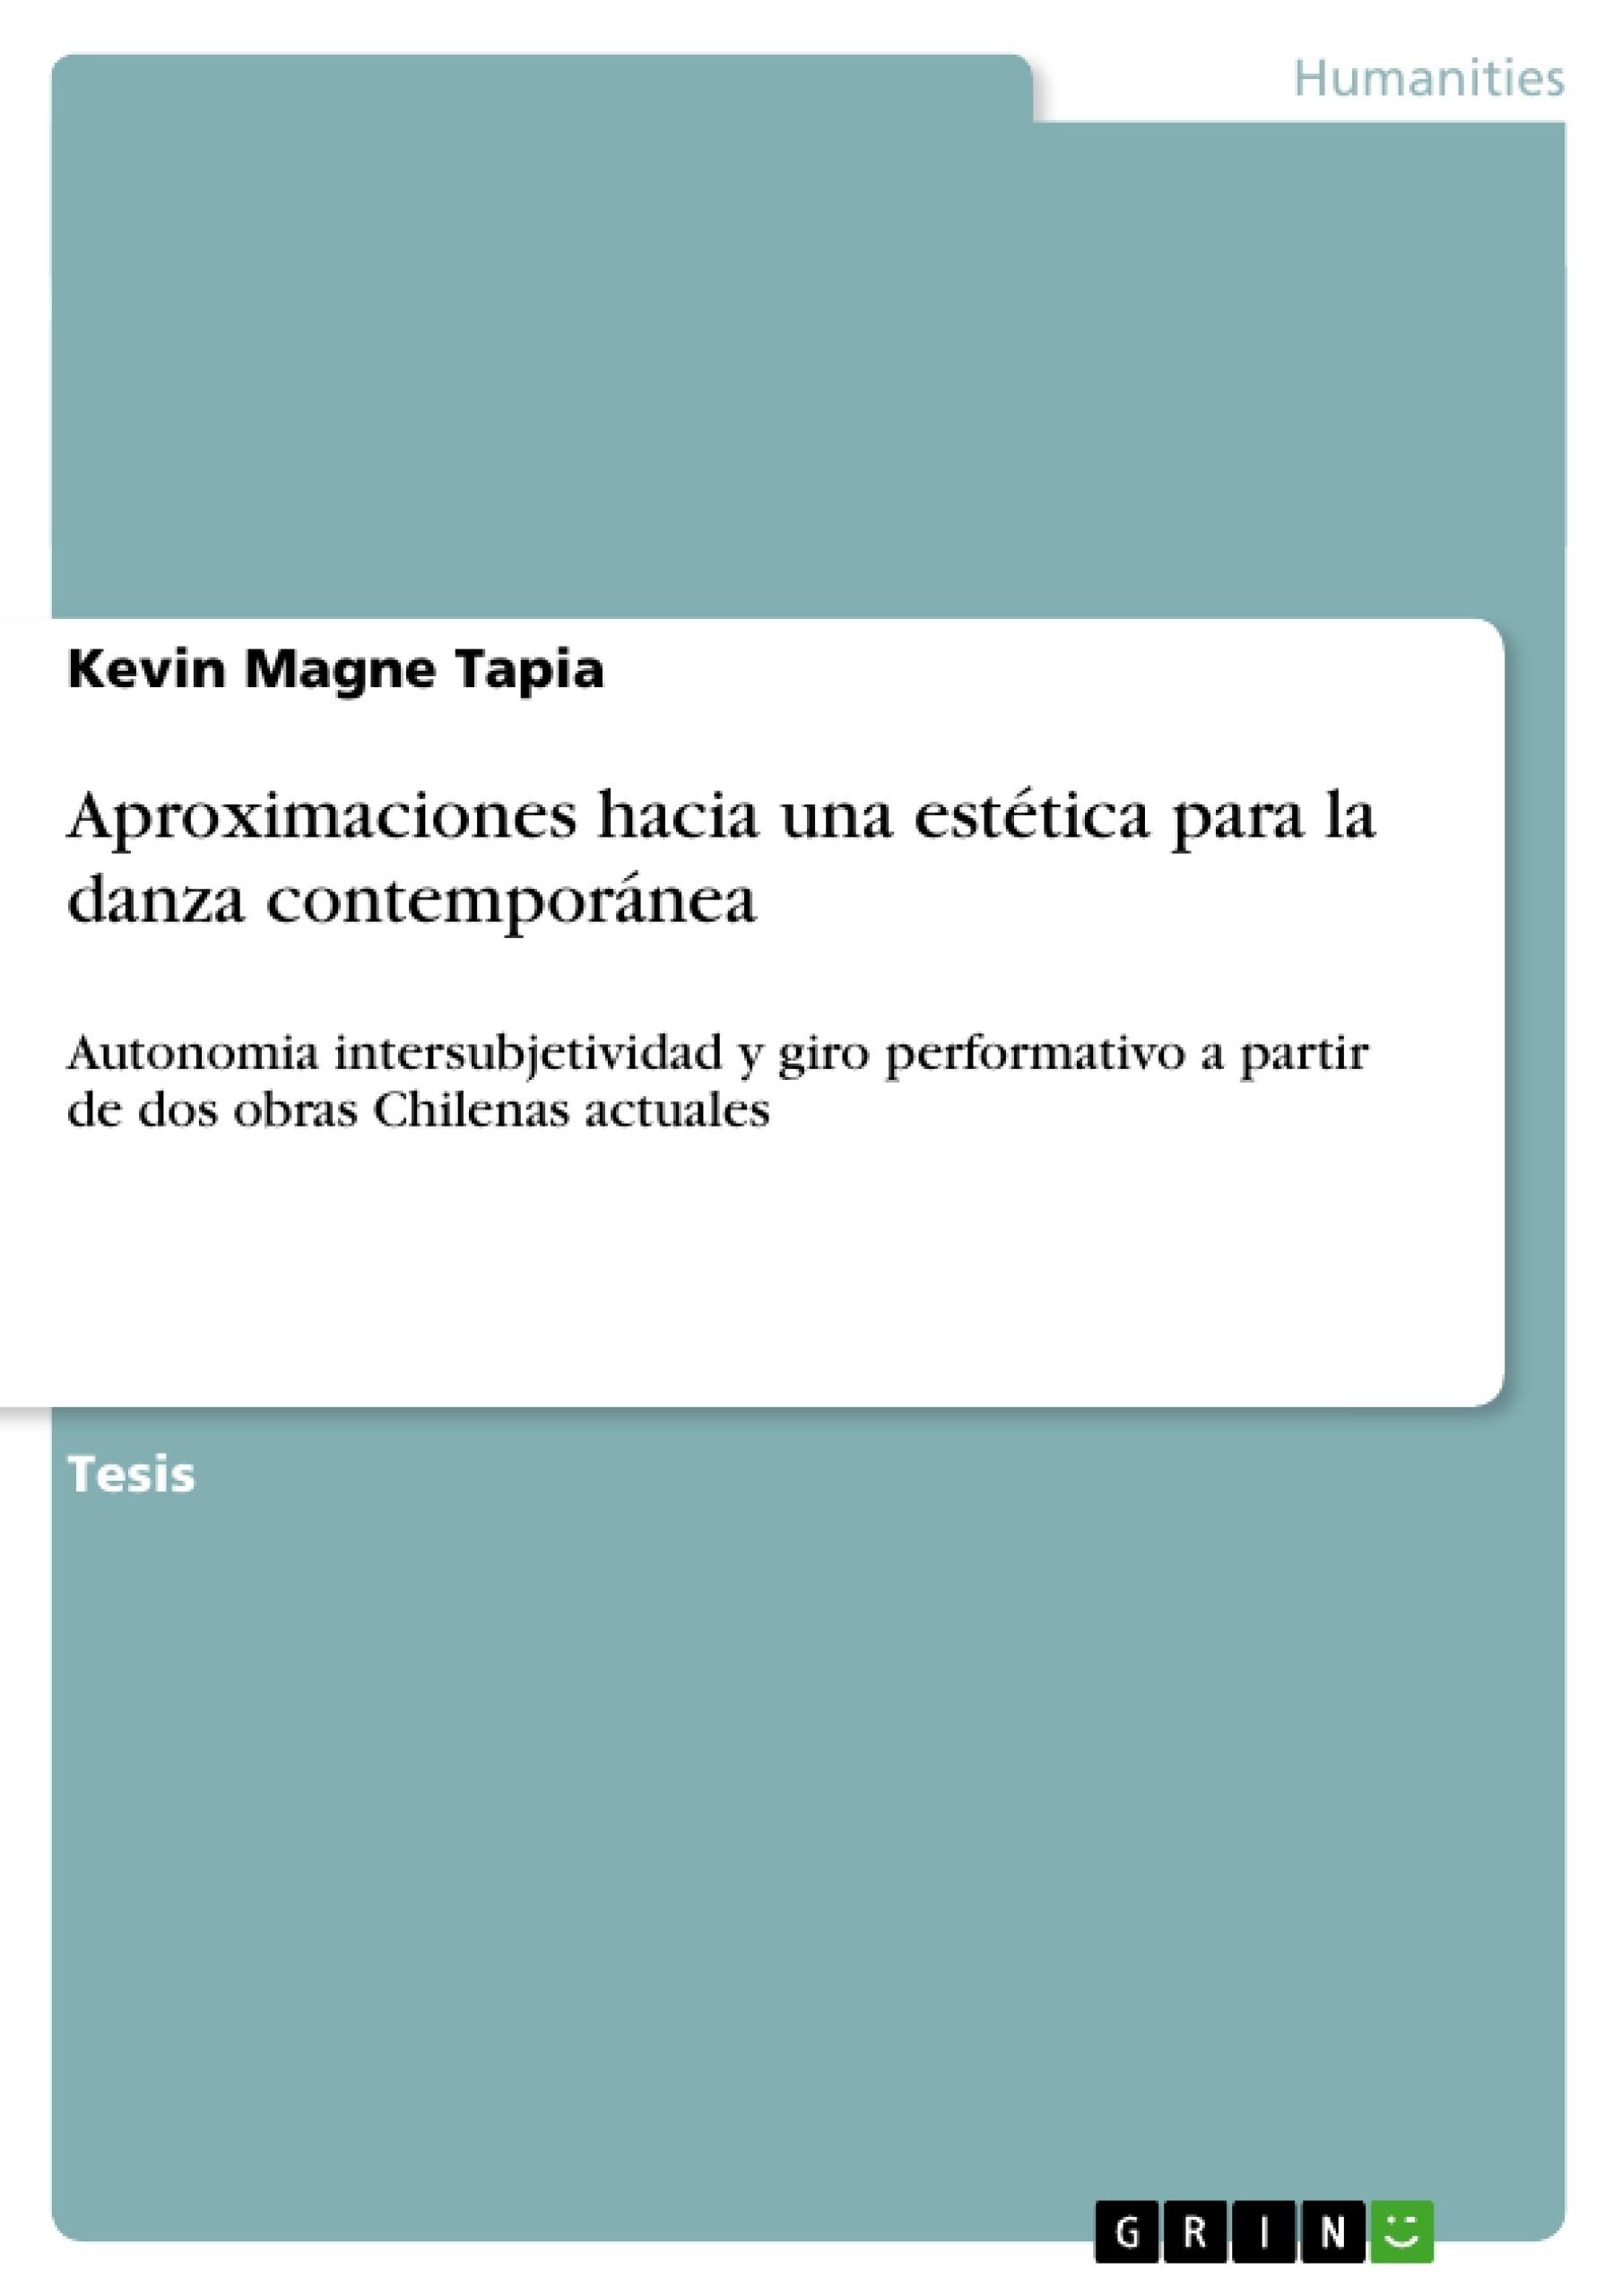 Título: Aproximaciones hacia una estética para la danza contemporánea